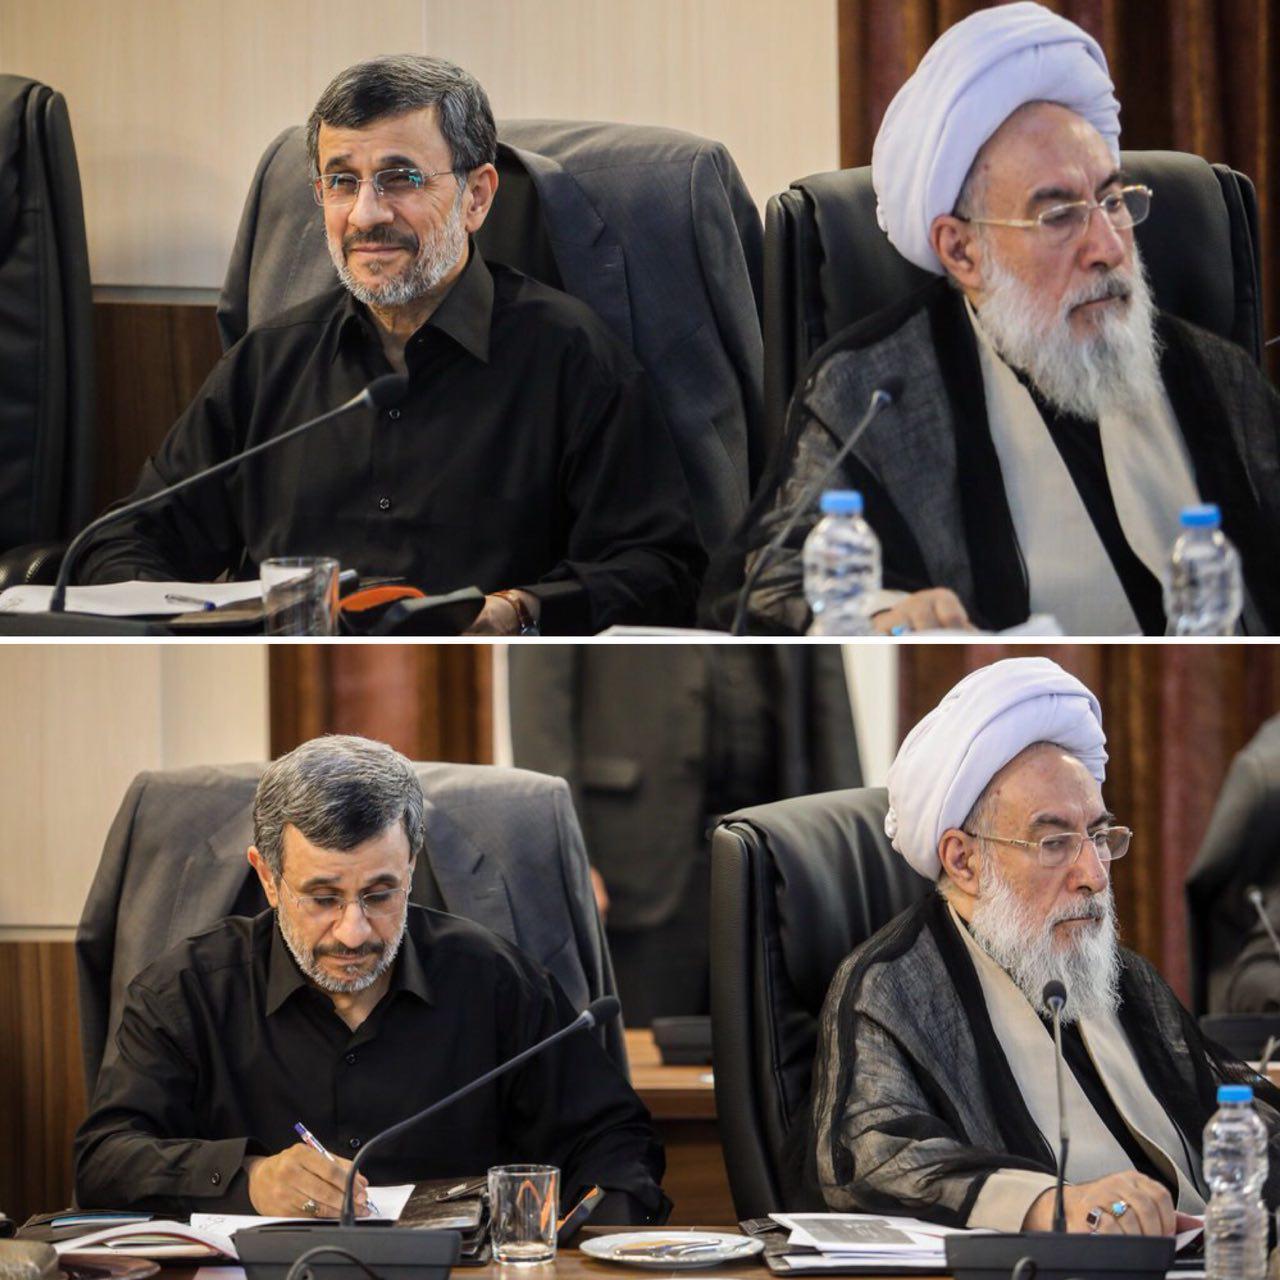 چرا عکس مجمع تشخیص به نفع احمدی نژاد است؟